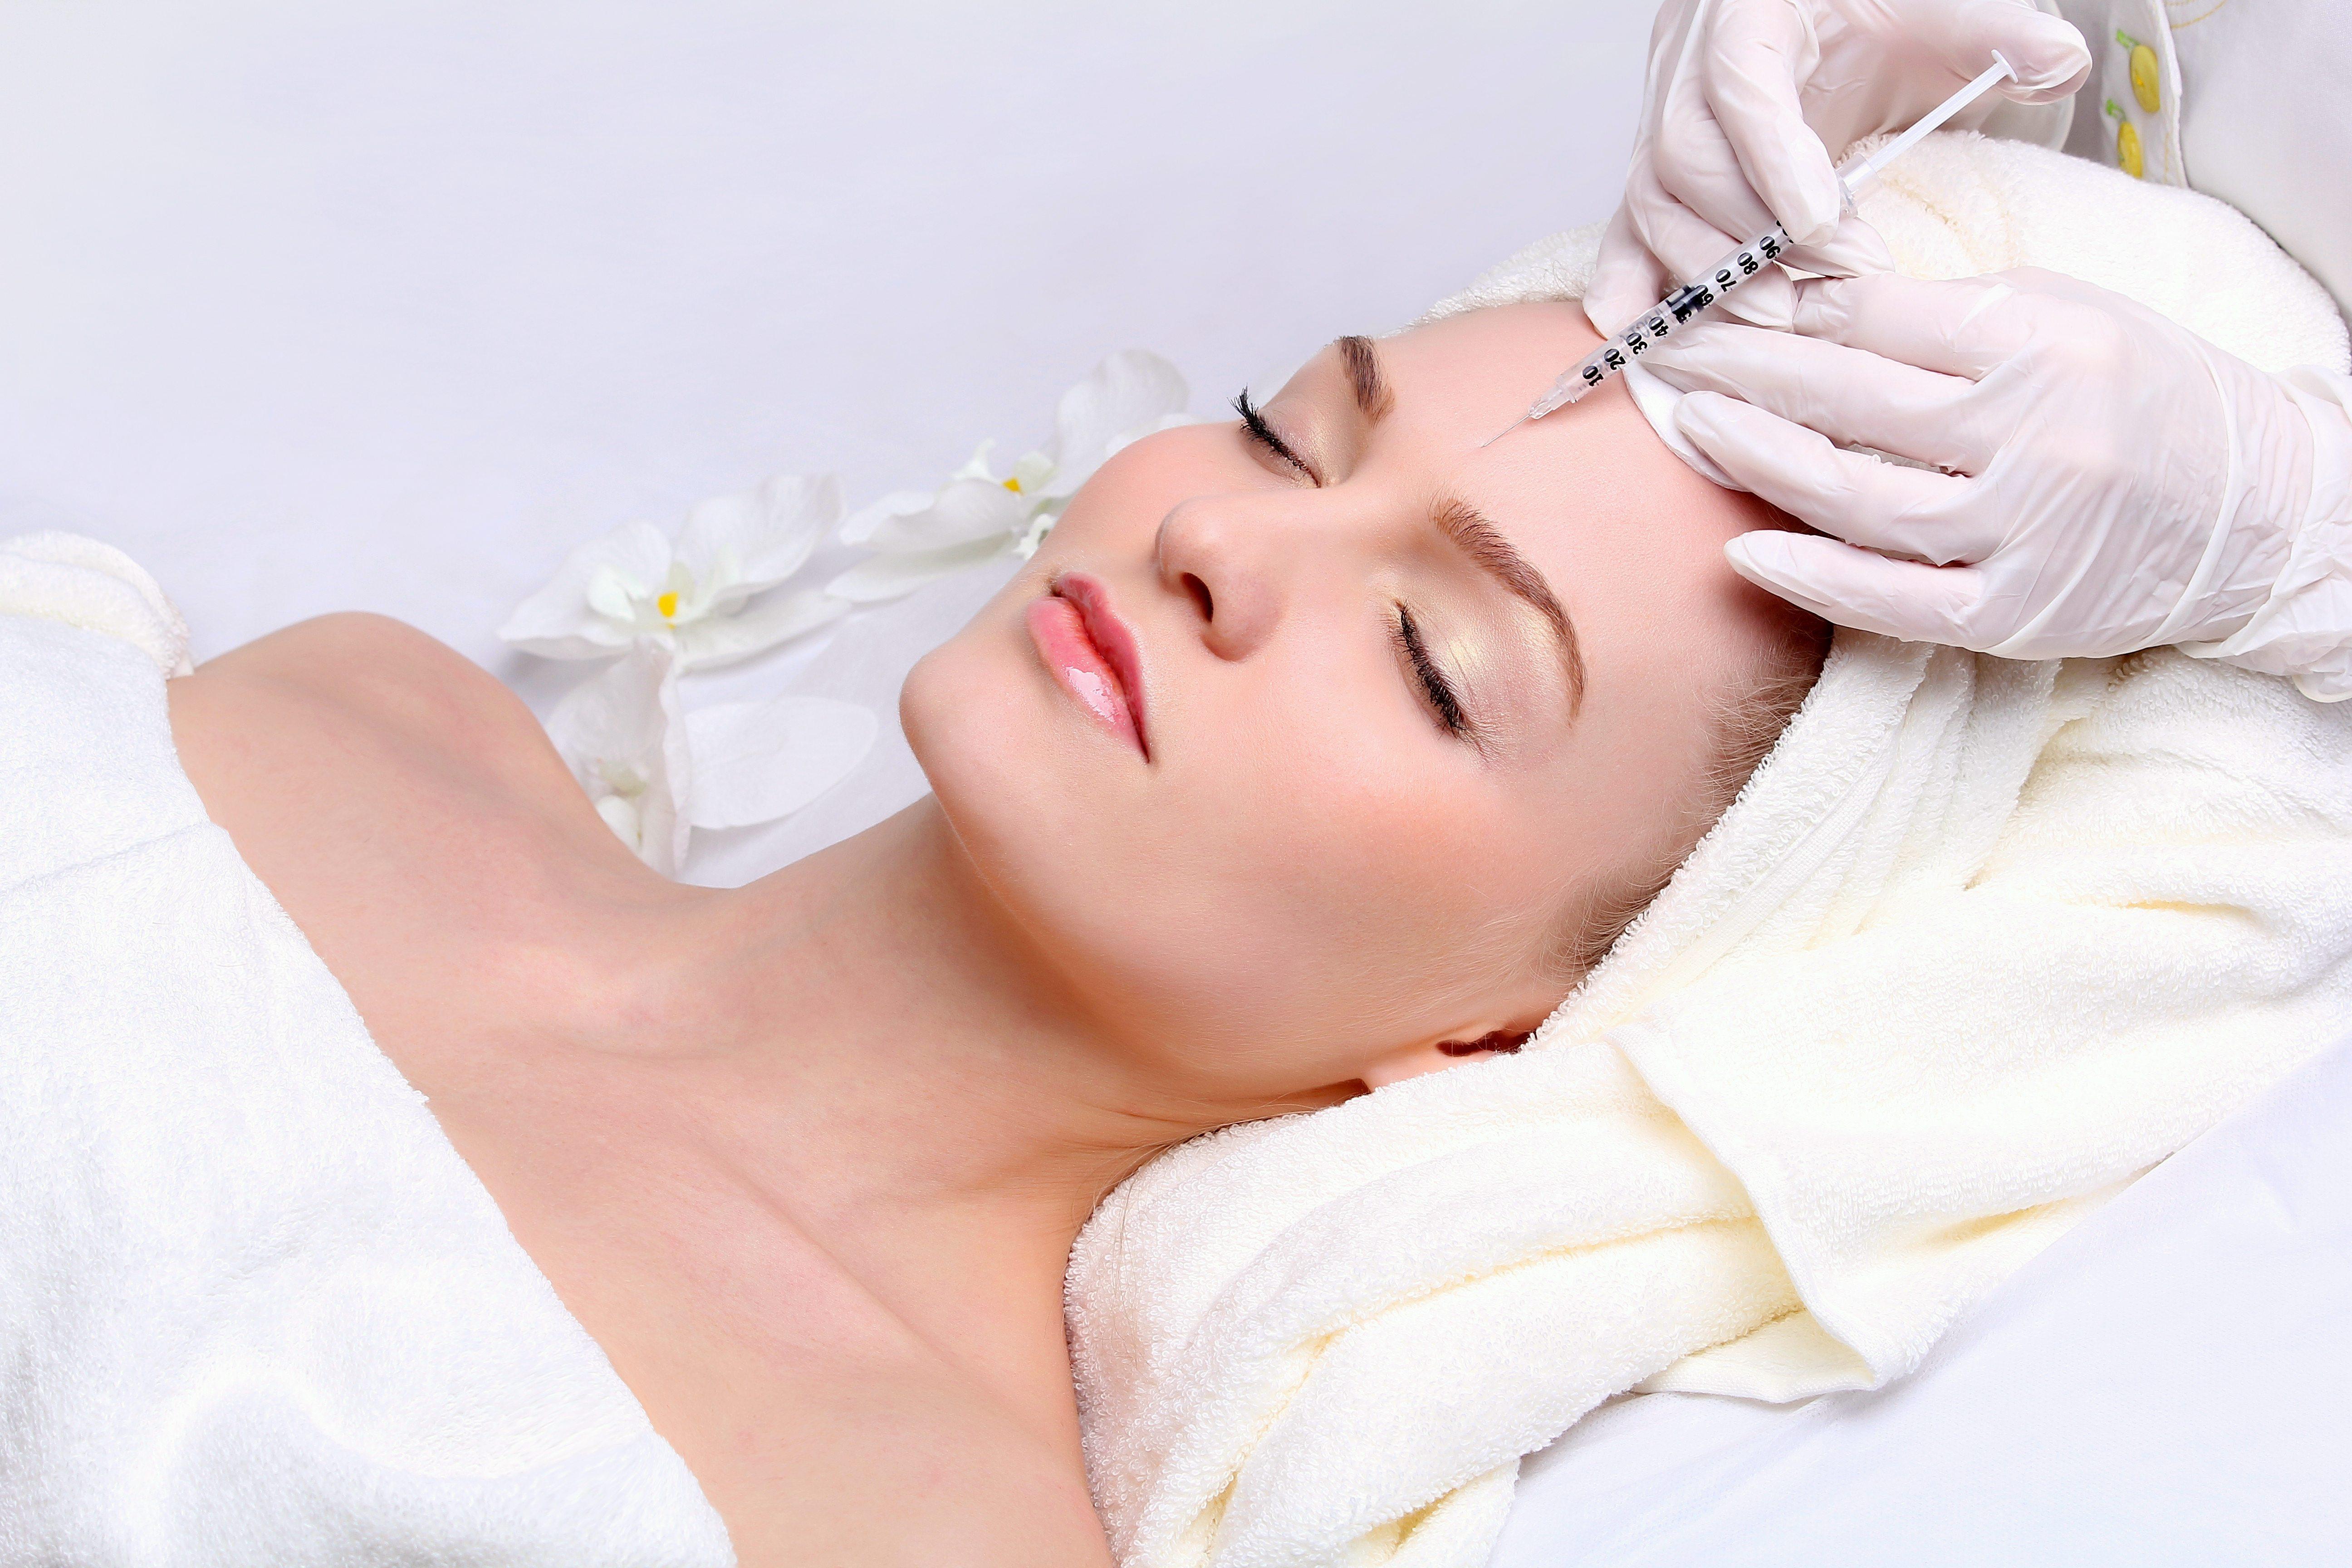 Особенности проведения лифтинга лица и какие 15 омолаживающих процедур могут нам предложить в косметическом салоне